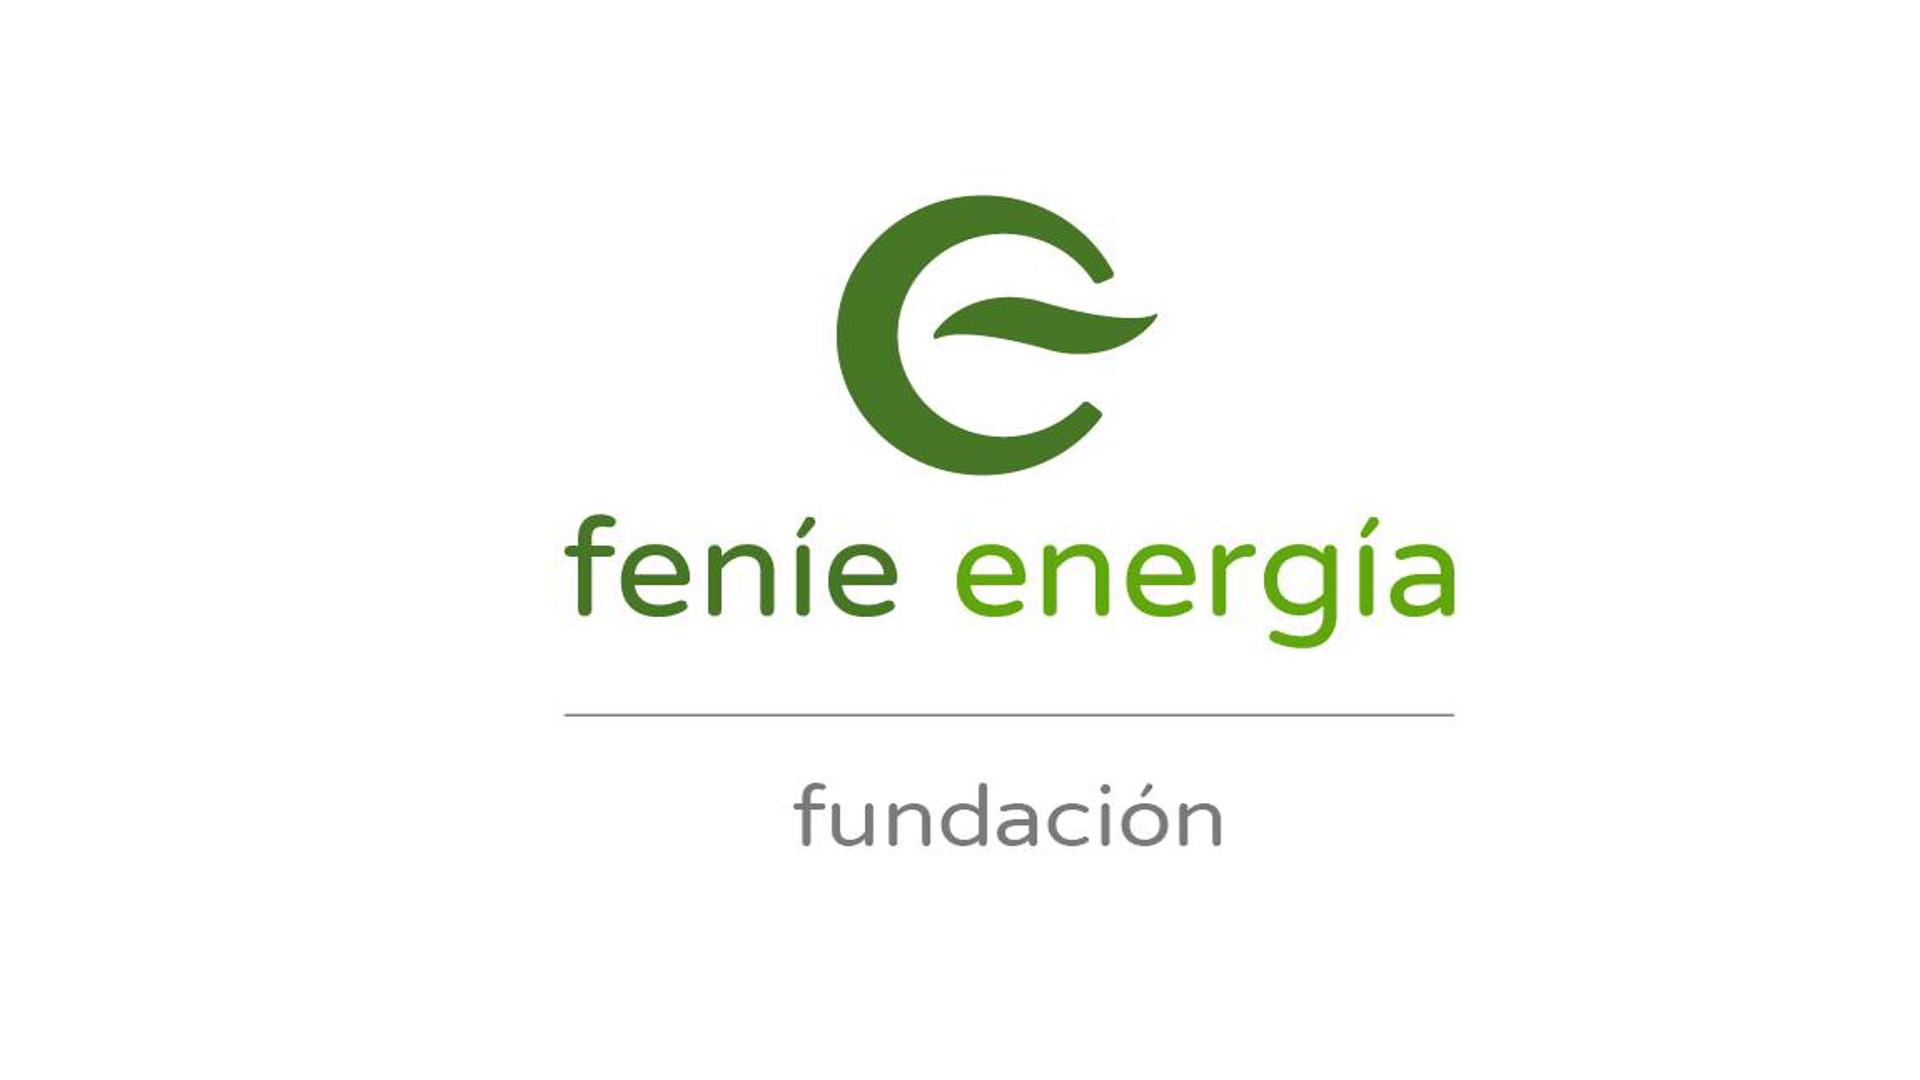 fundacion-fenie-energia-nace-para-promover-la-eficiencia-energetica-1920